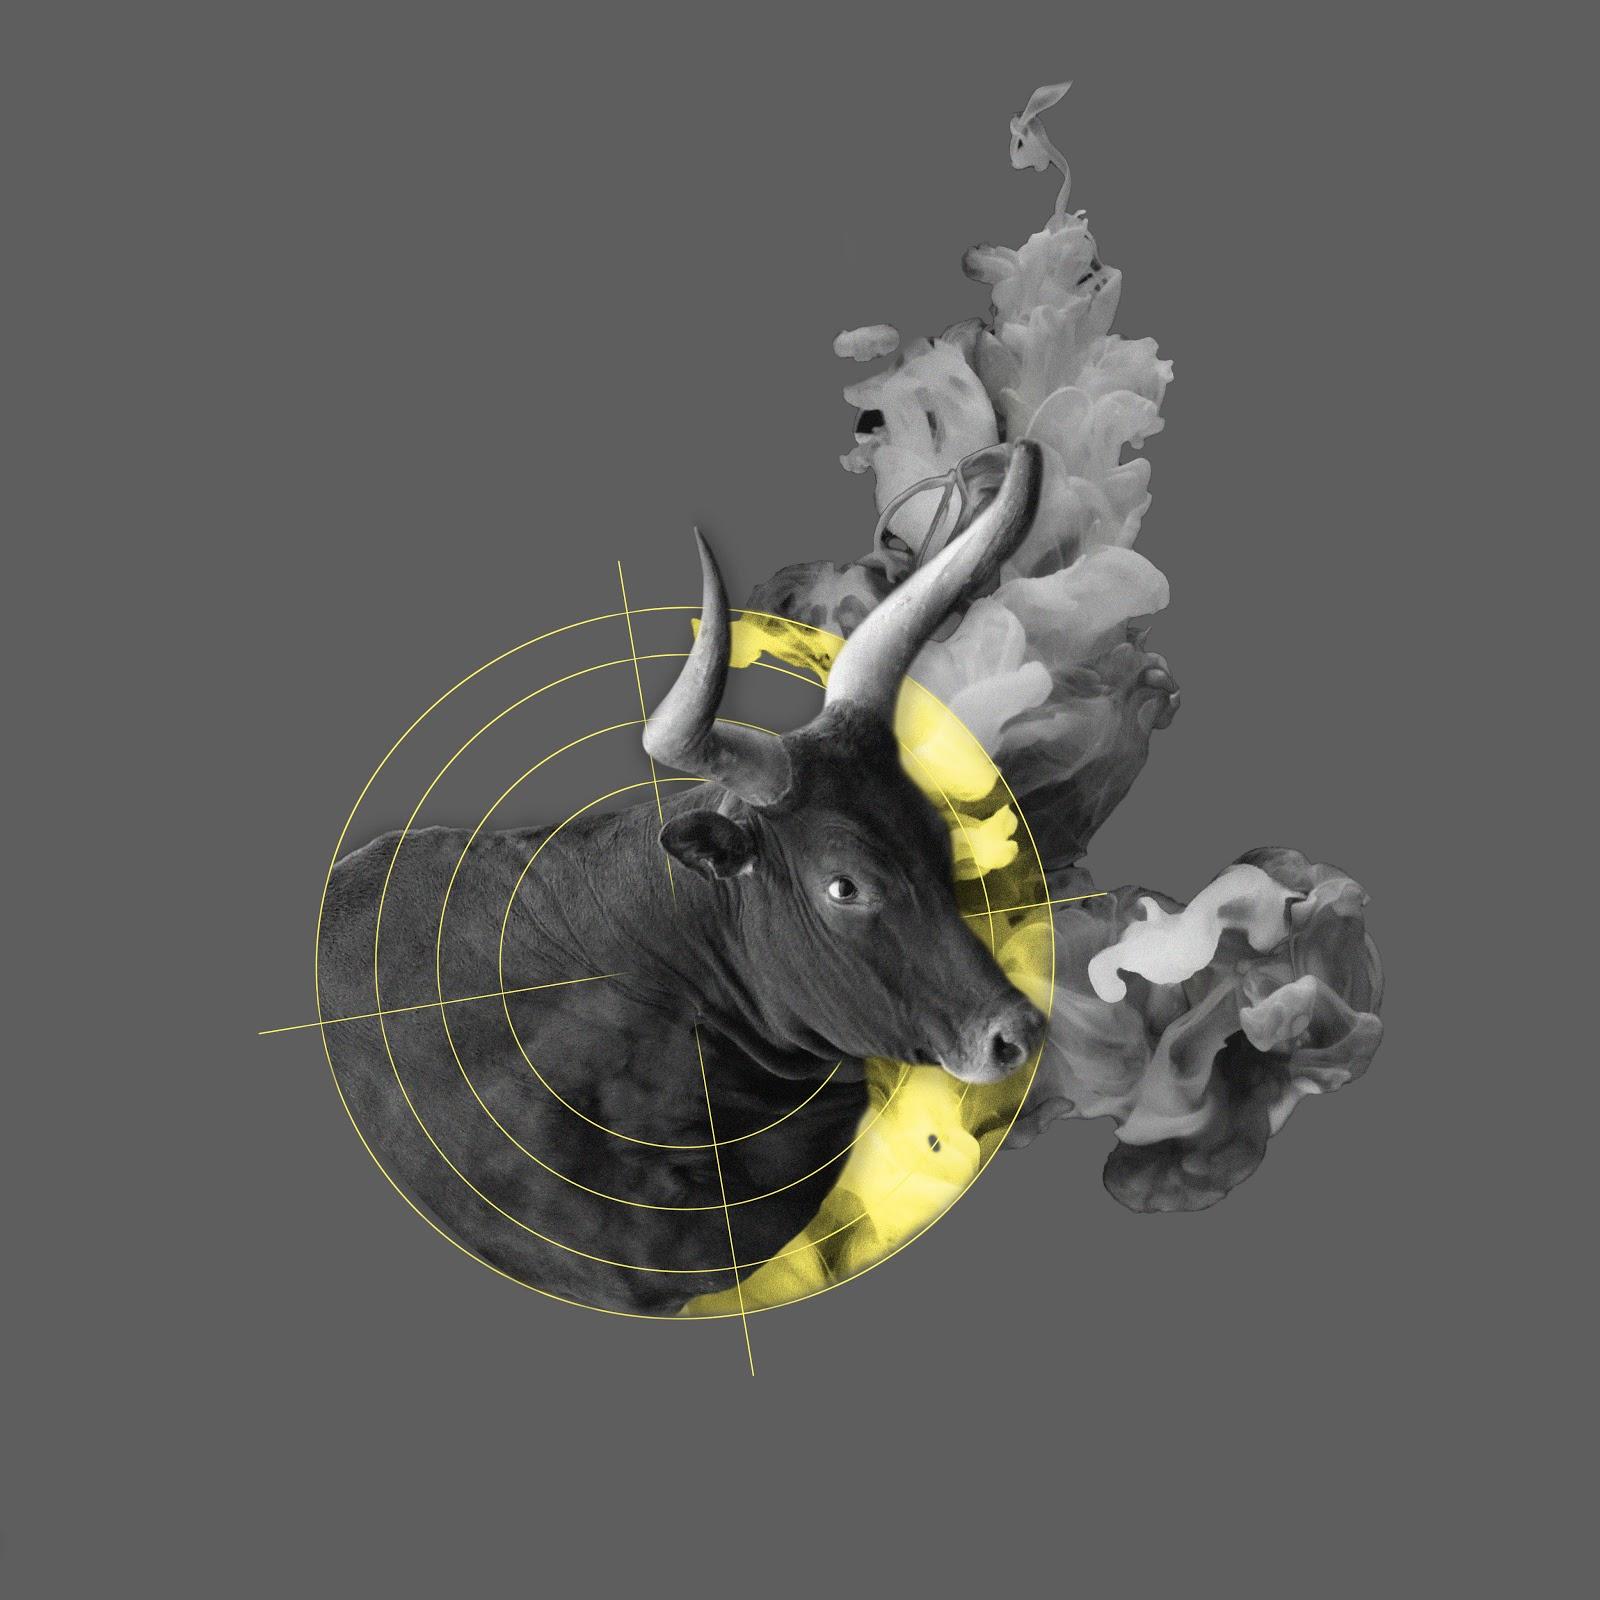 Bullseye Bullshit | Anna Warfield